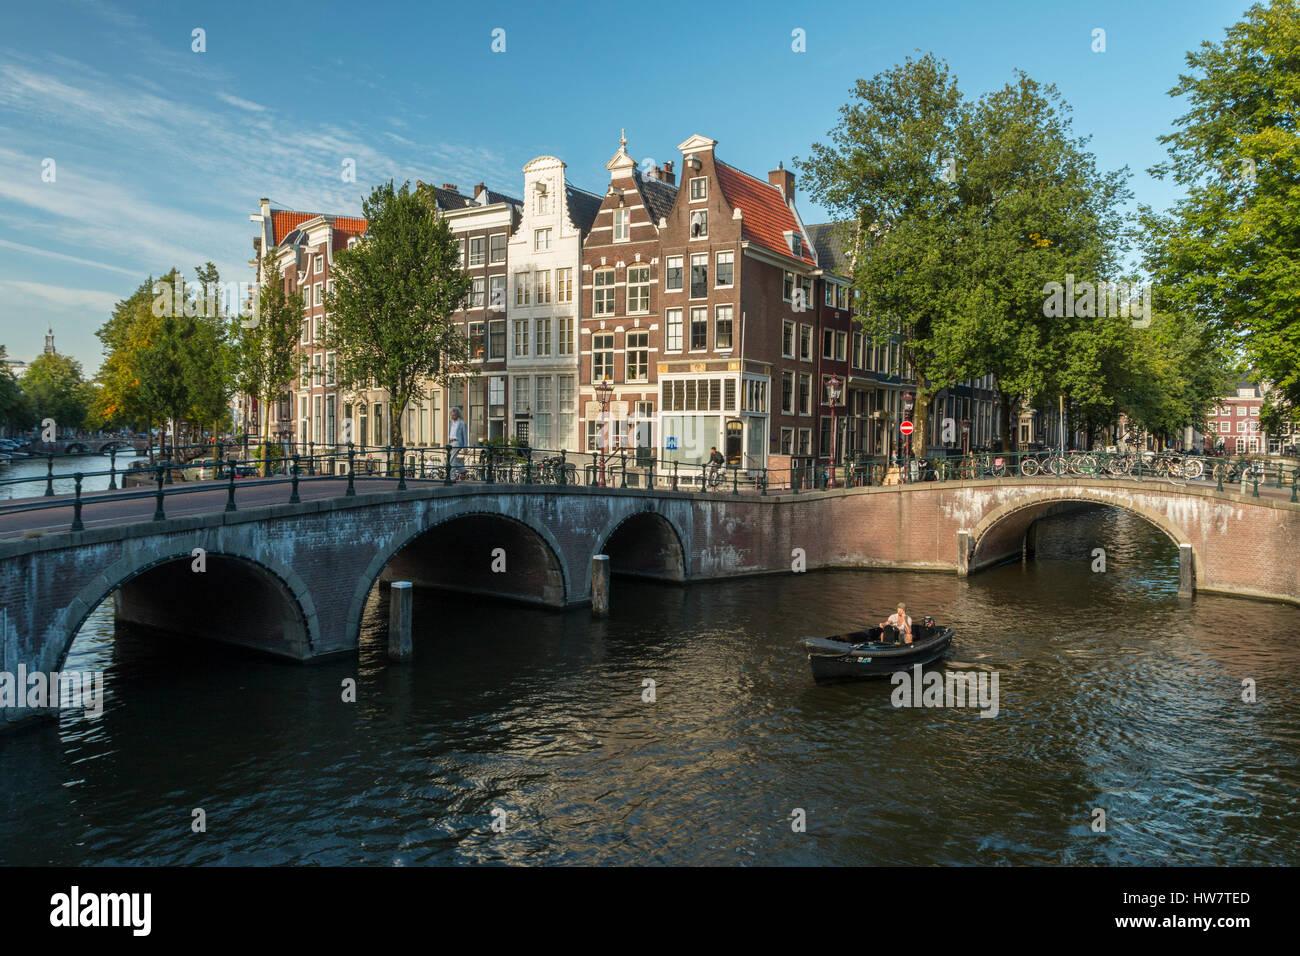 AMSTERDAM, Paesi Bassi - 27 settembre 2016: ponti, bikers e diportisti nel punto di intersezione tra il Keizersgracht e Leidsegracht canali. Foto Stock